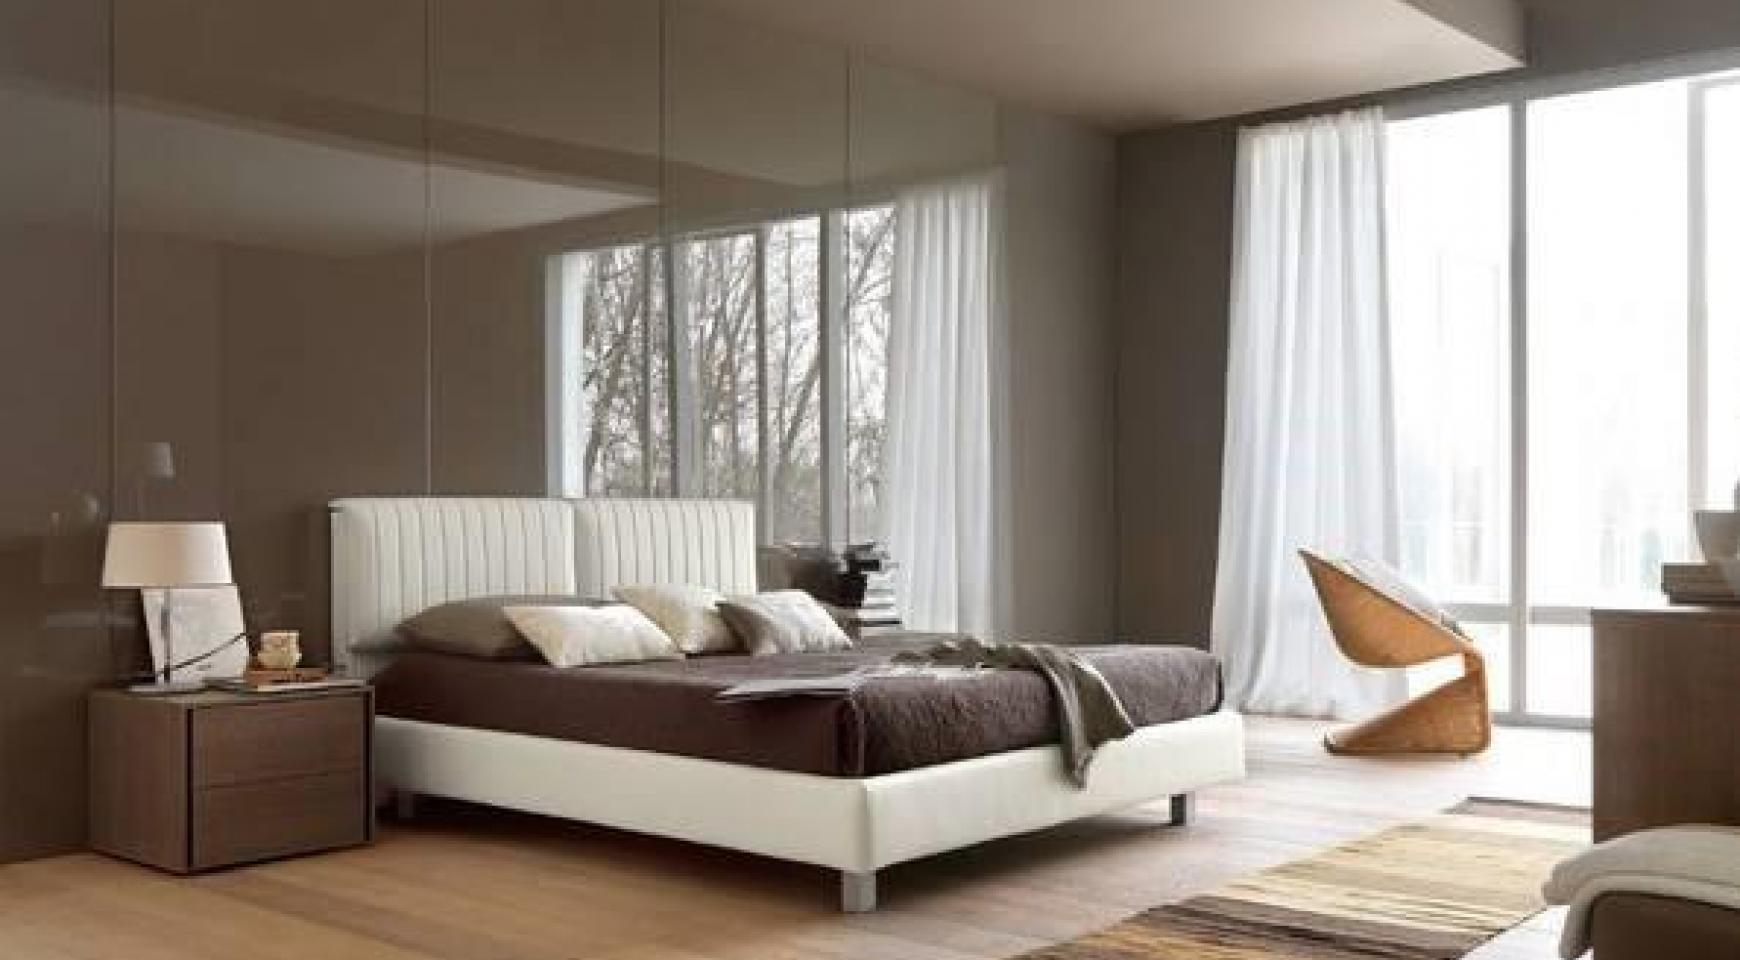 Современная Элитная 5-Спальная Вилла недалеко от Моря - 10